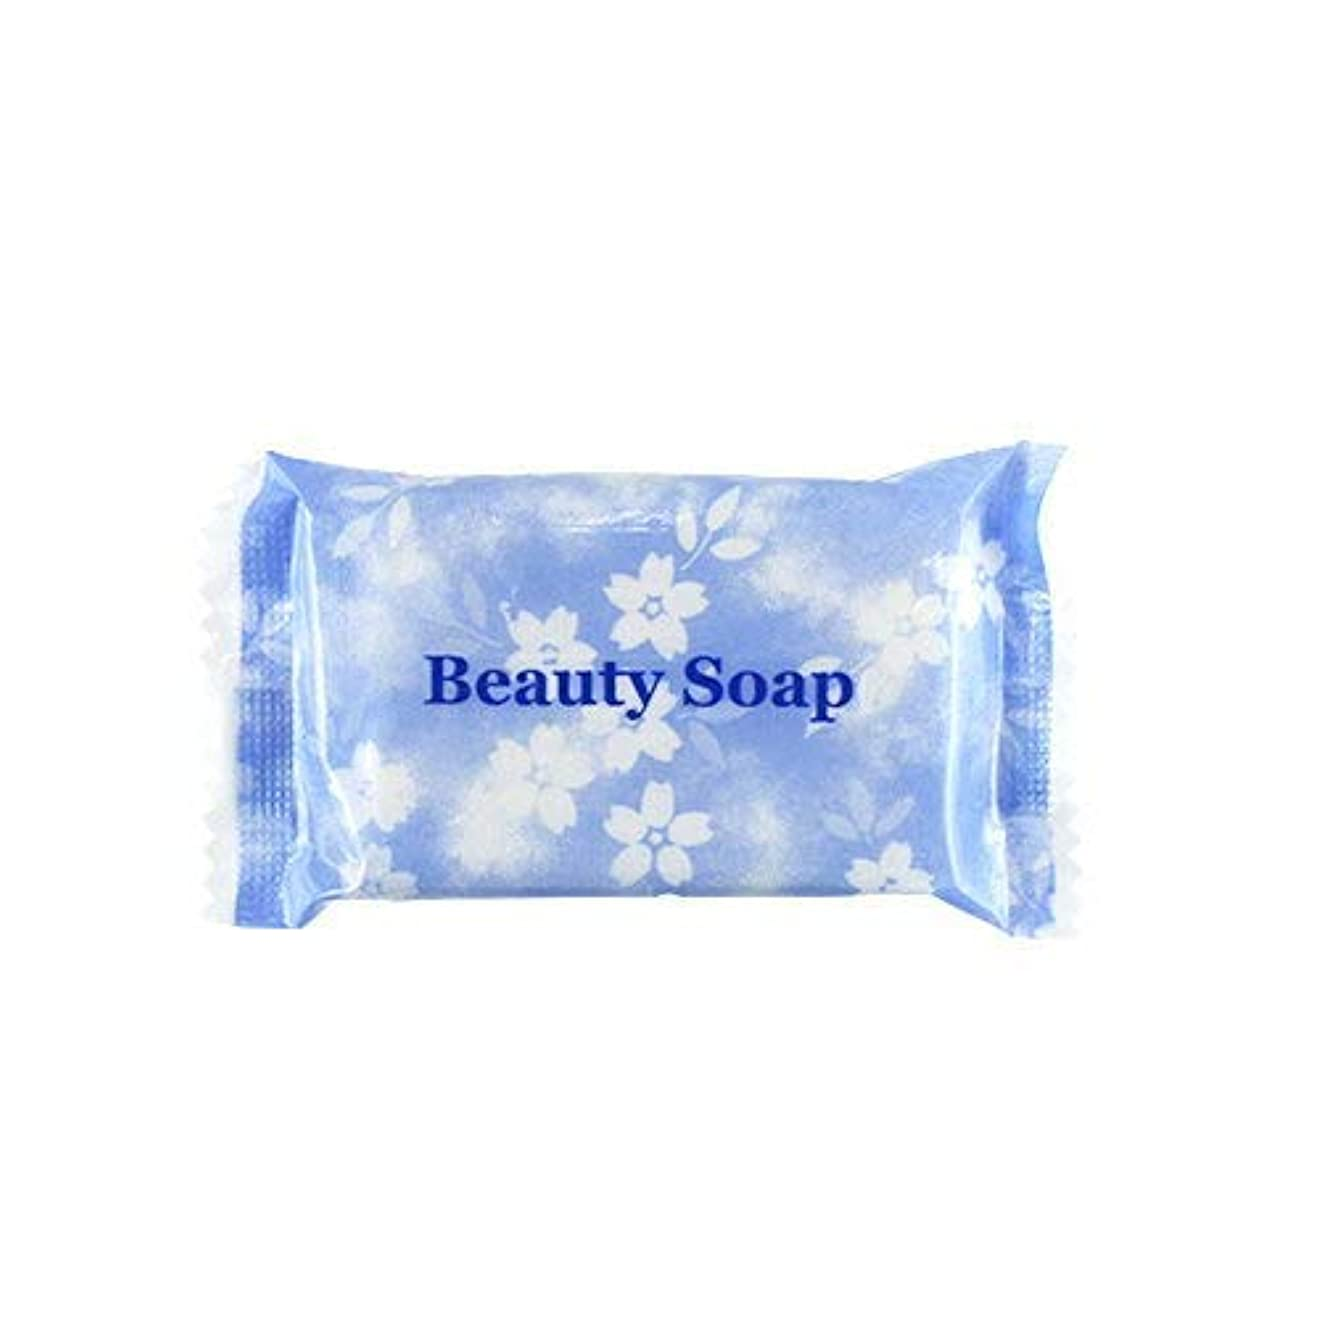 下線ヘルシーペルメル業務用 クロバーコーポレーション ビューティーソープ(Beauty Soap) 15g×50個セット | ホテルアメニティ 個包装